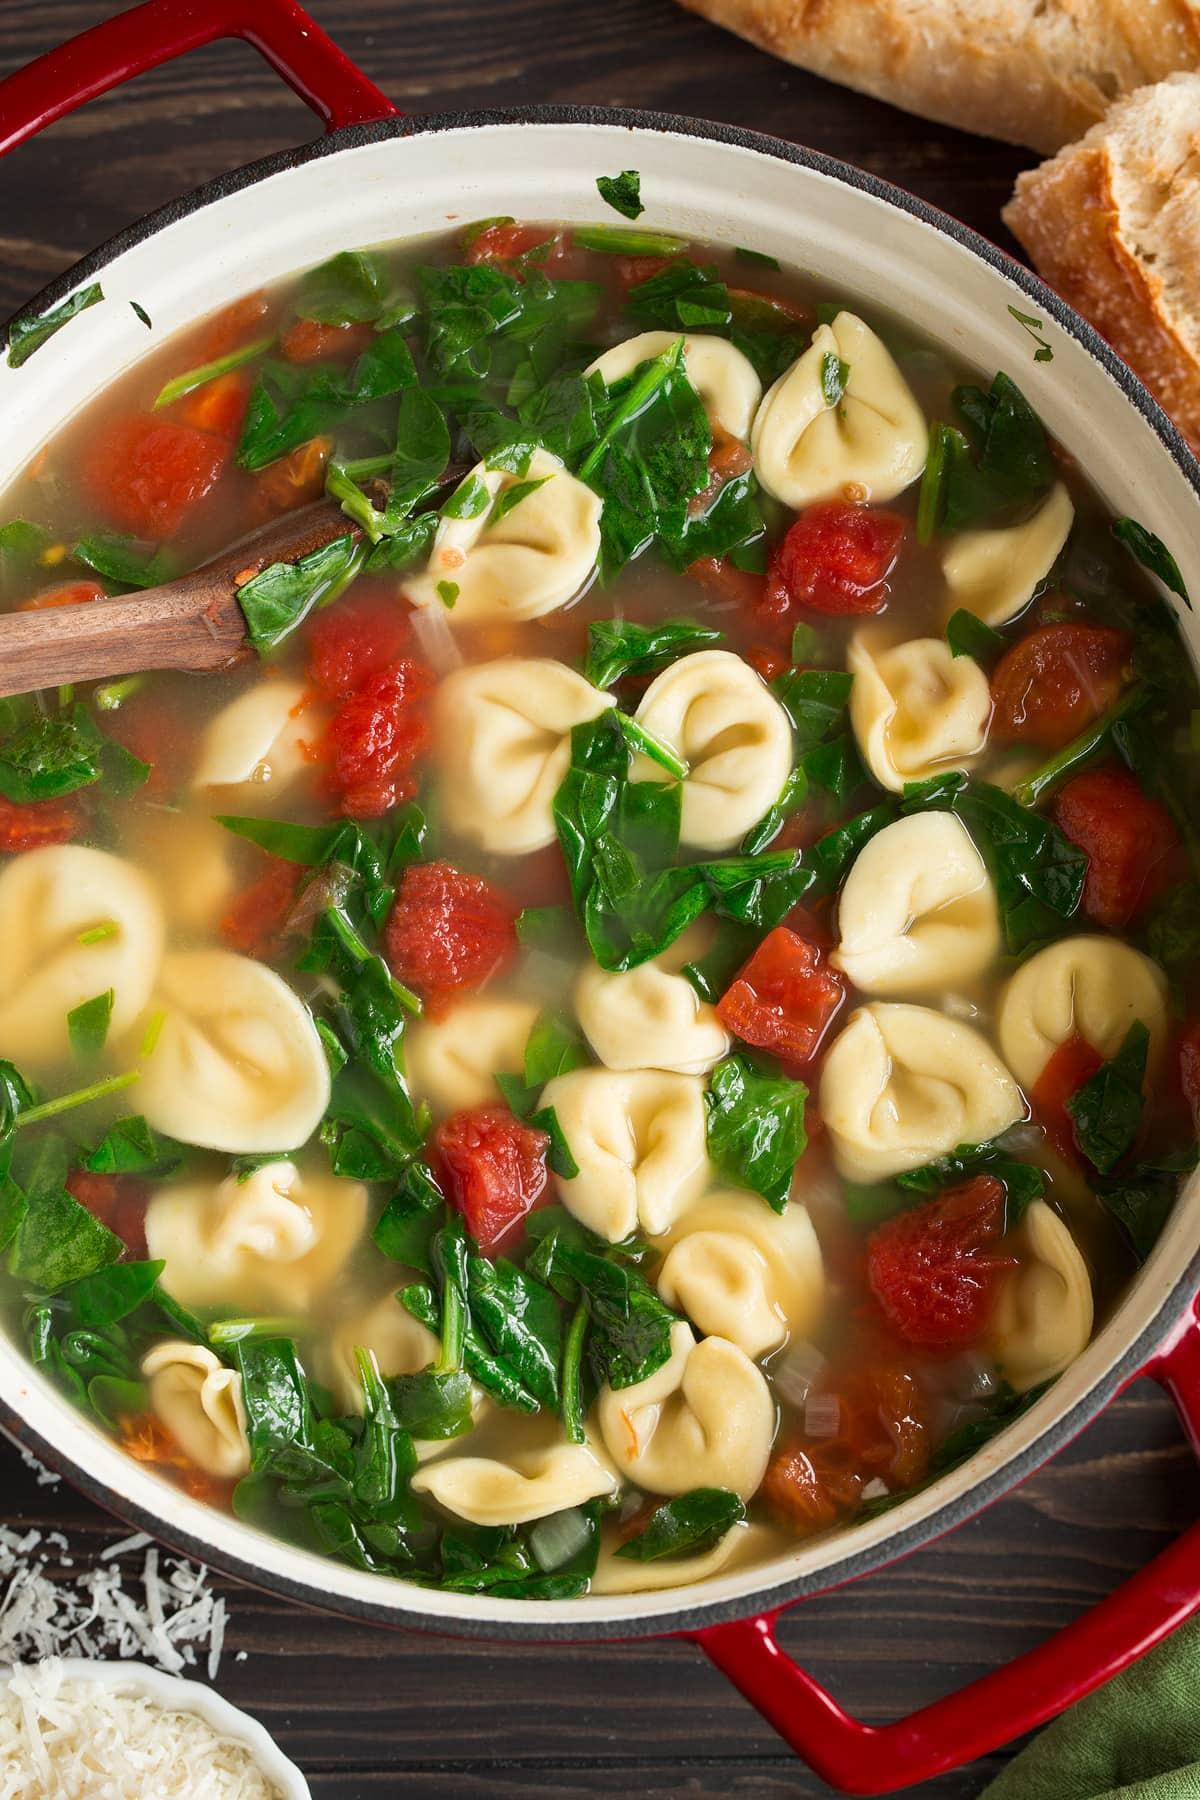 Tortellini Spinach Tomato Garlic Soup